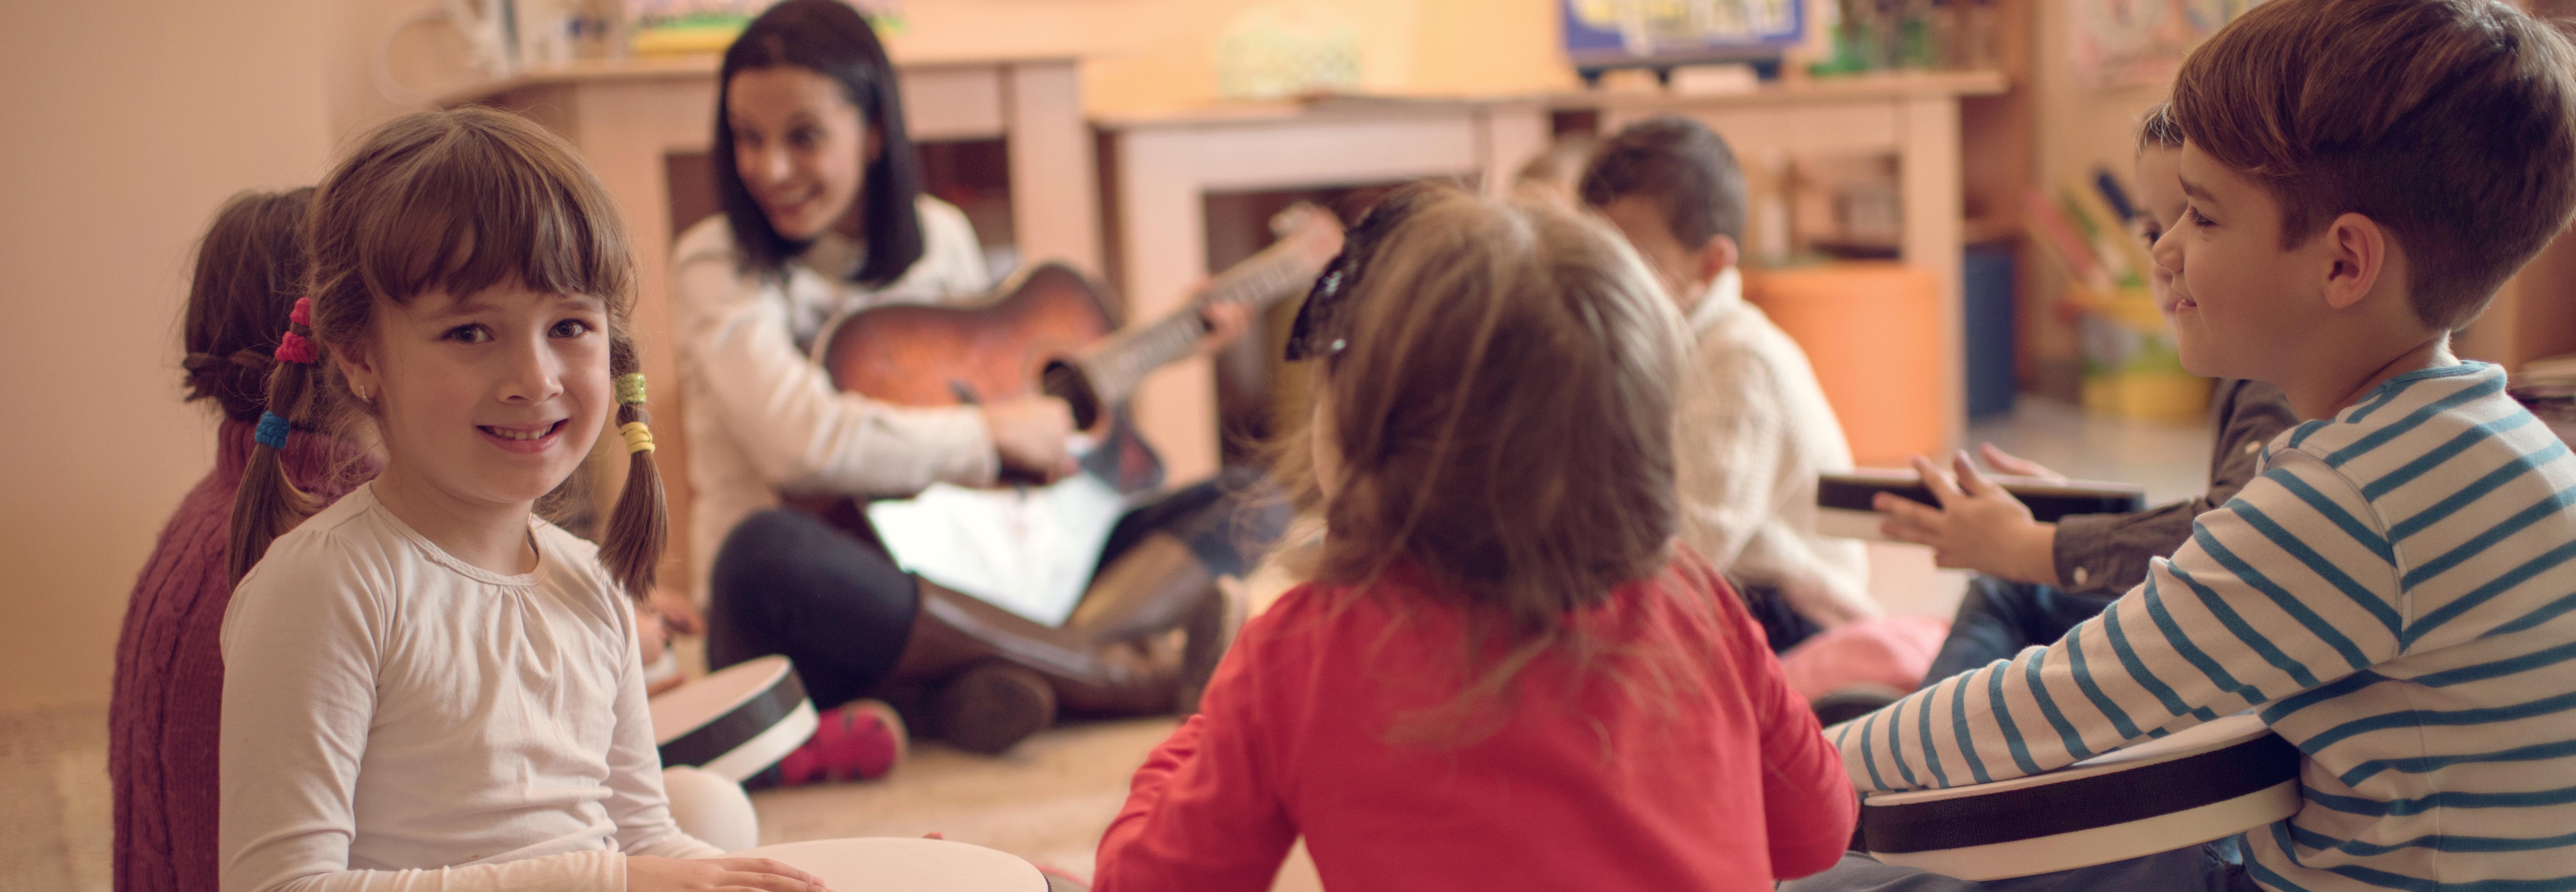 El máster oficial online en Musicoterapia capacita a los alumnos para desarrollar proyectos en hospitales y centros sociales y educativos y comenzar trabajos de investigación